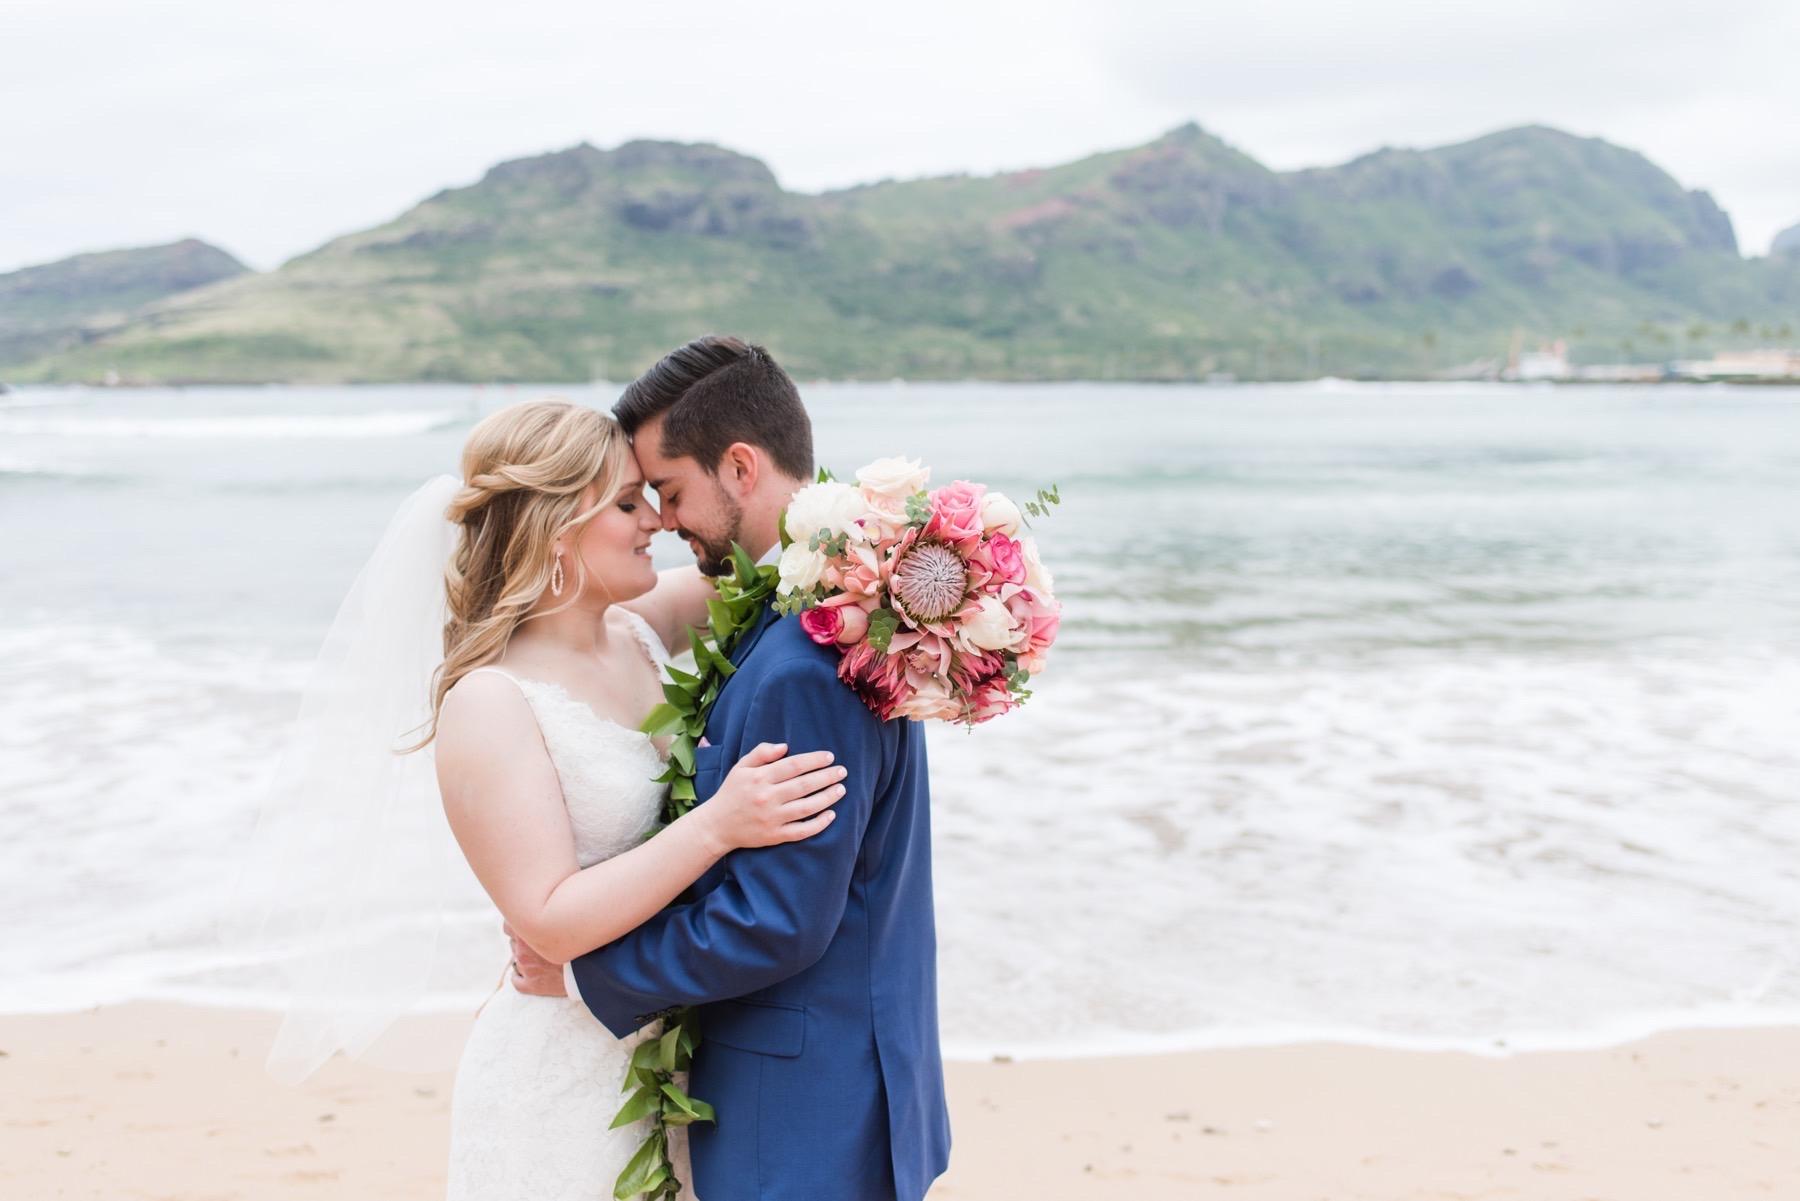 Alyssa & Ryan on the beach in Kauai.